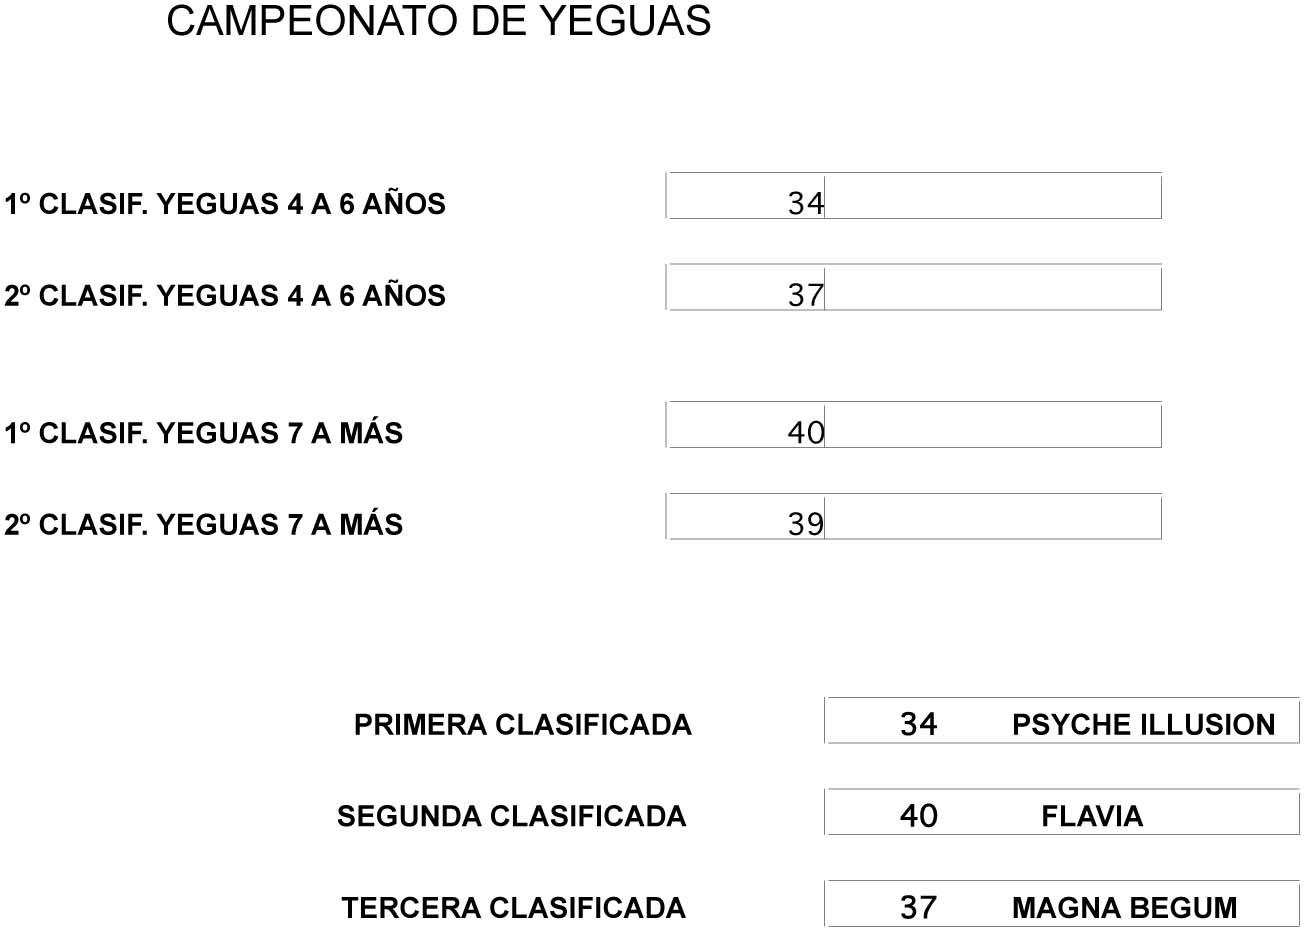 PUNTUACIONESfinals.xls